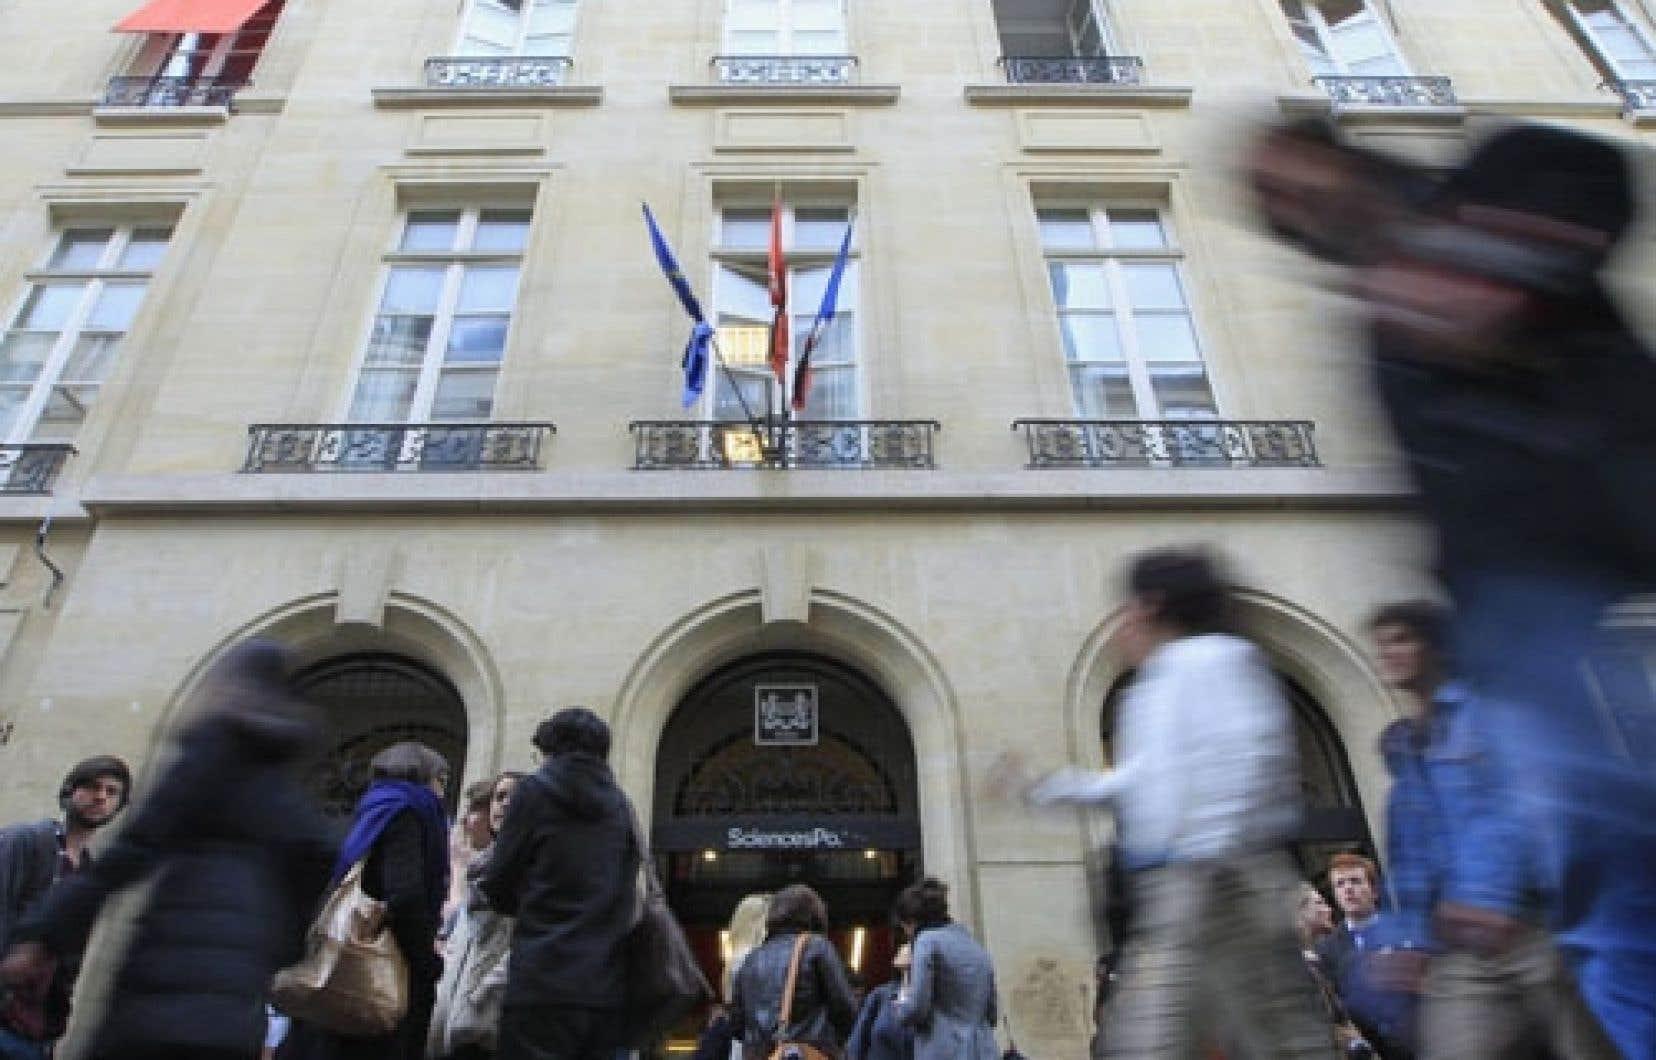 Sciences Po est aujourd'hui accusé d'avoir enfreint les règles de fonctionnement d'un établissement public alors que l'institut tire toujours les deux tiers de son financement de l'État.